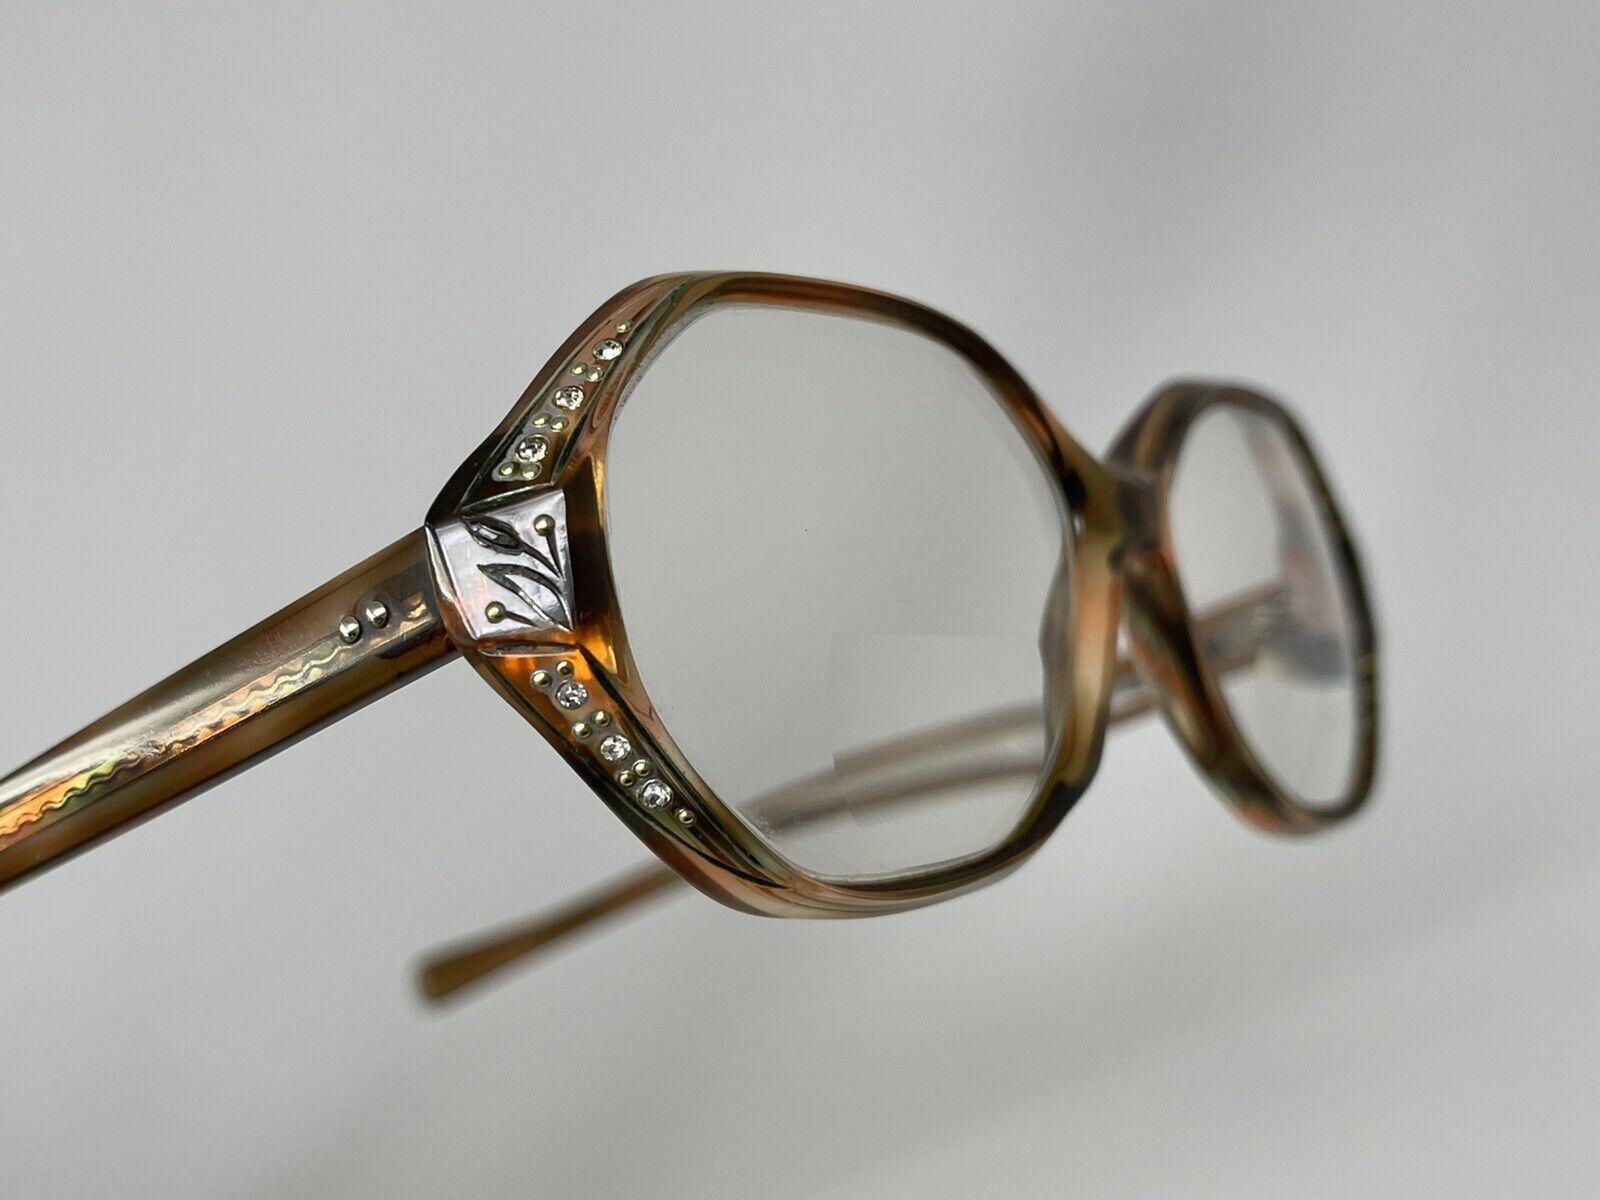 Vintage AMERICAN OPTICAL Eyeglasses Rhinestones Women's Red Dot